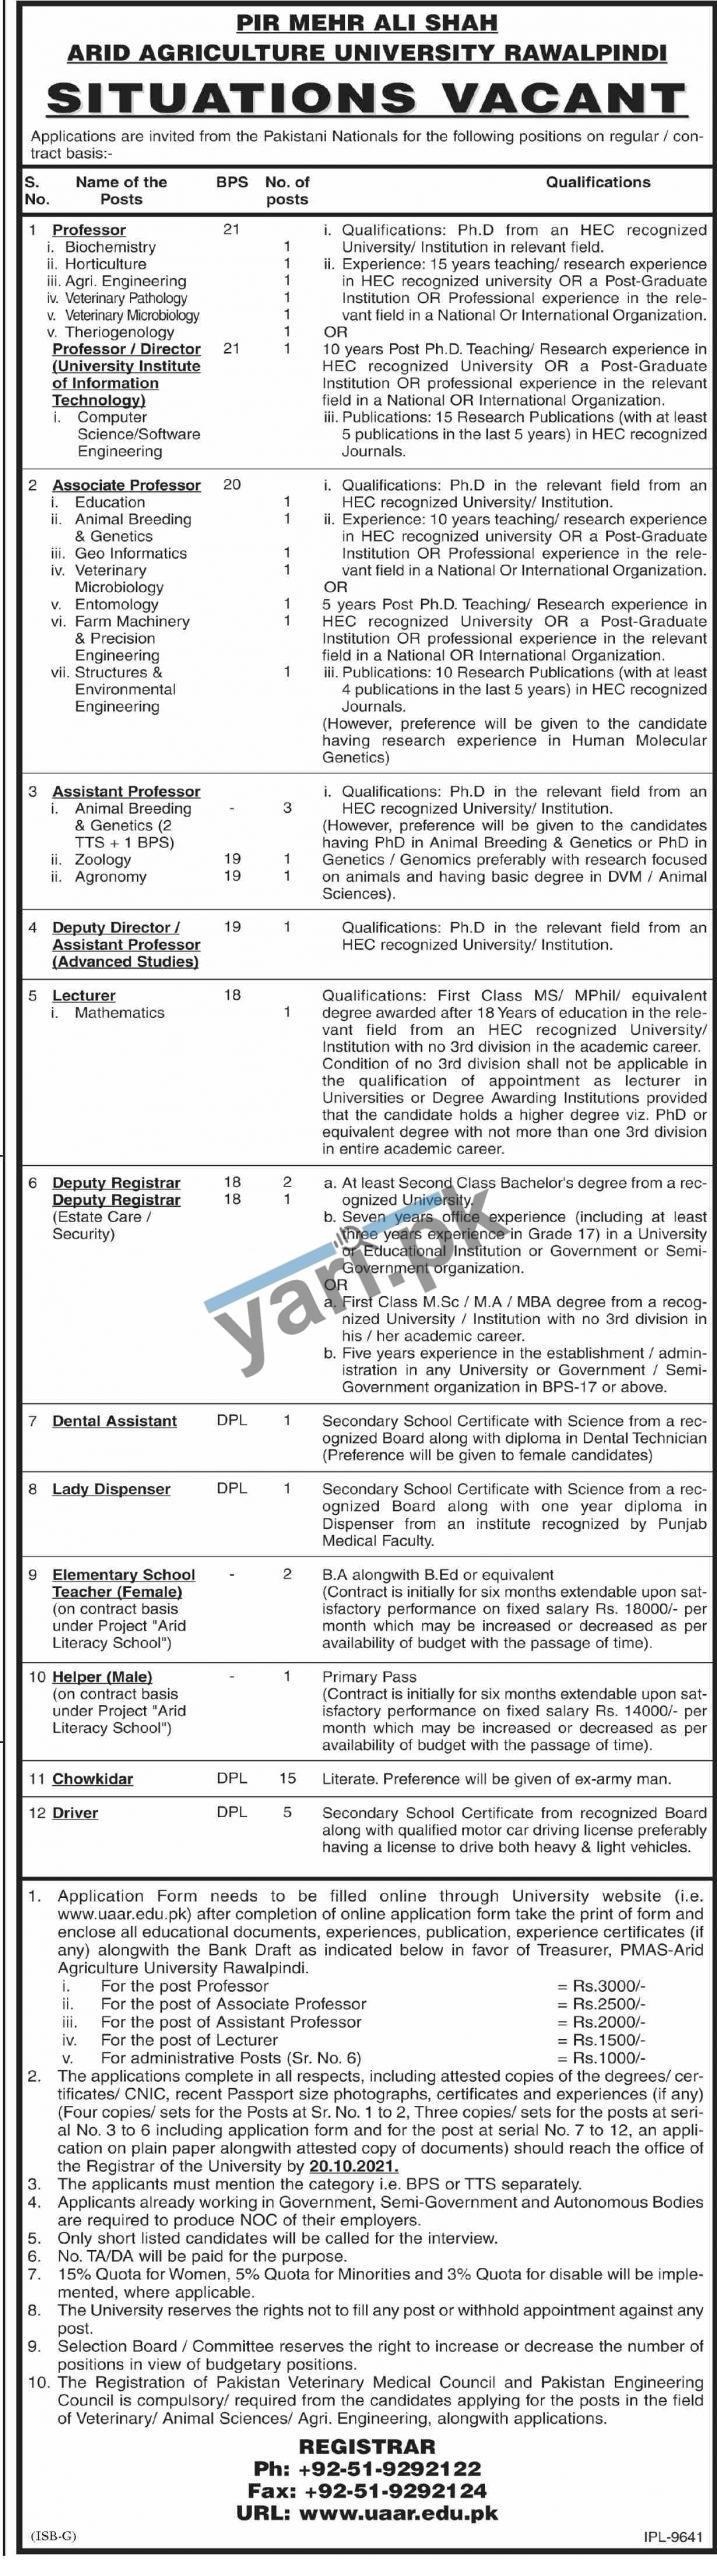 arid-university-jobs-2021-for-dental-assistant